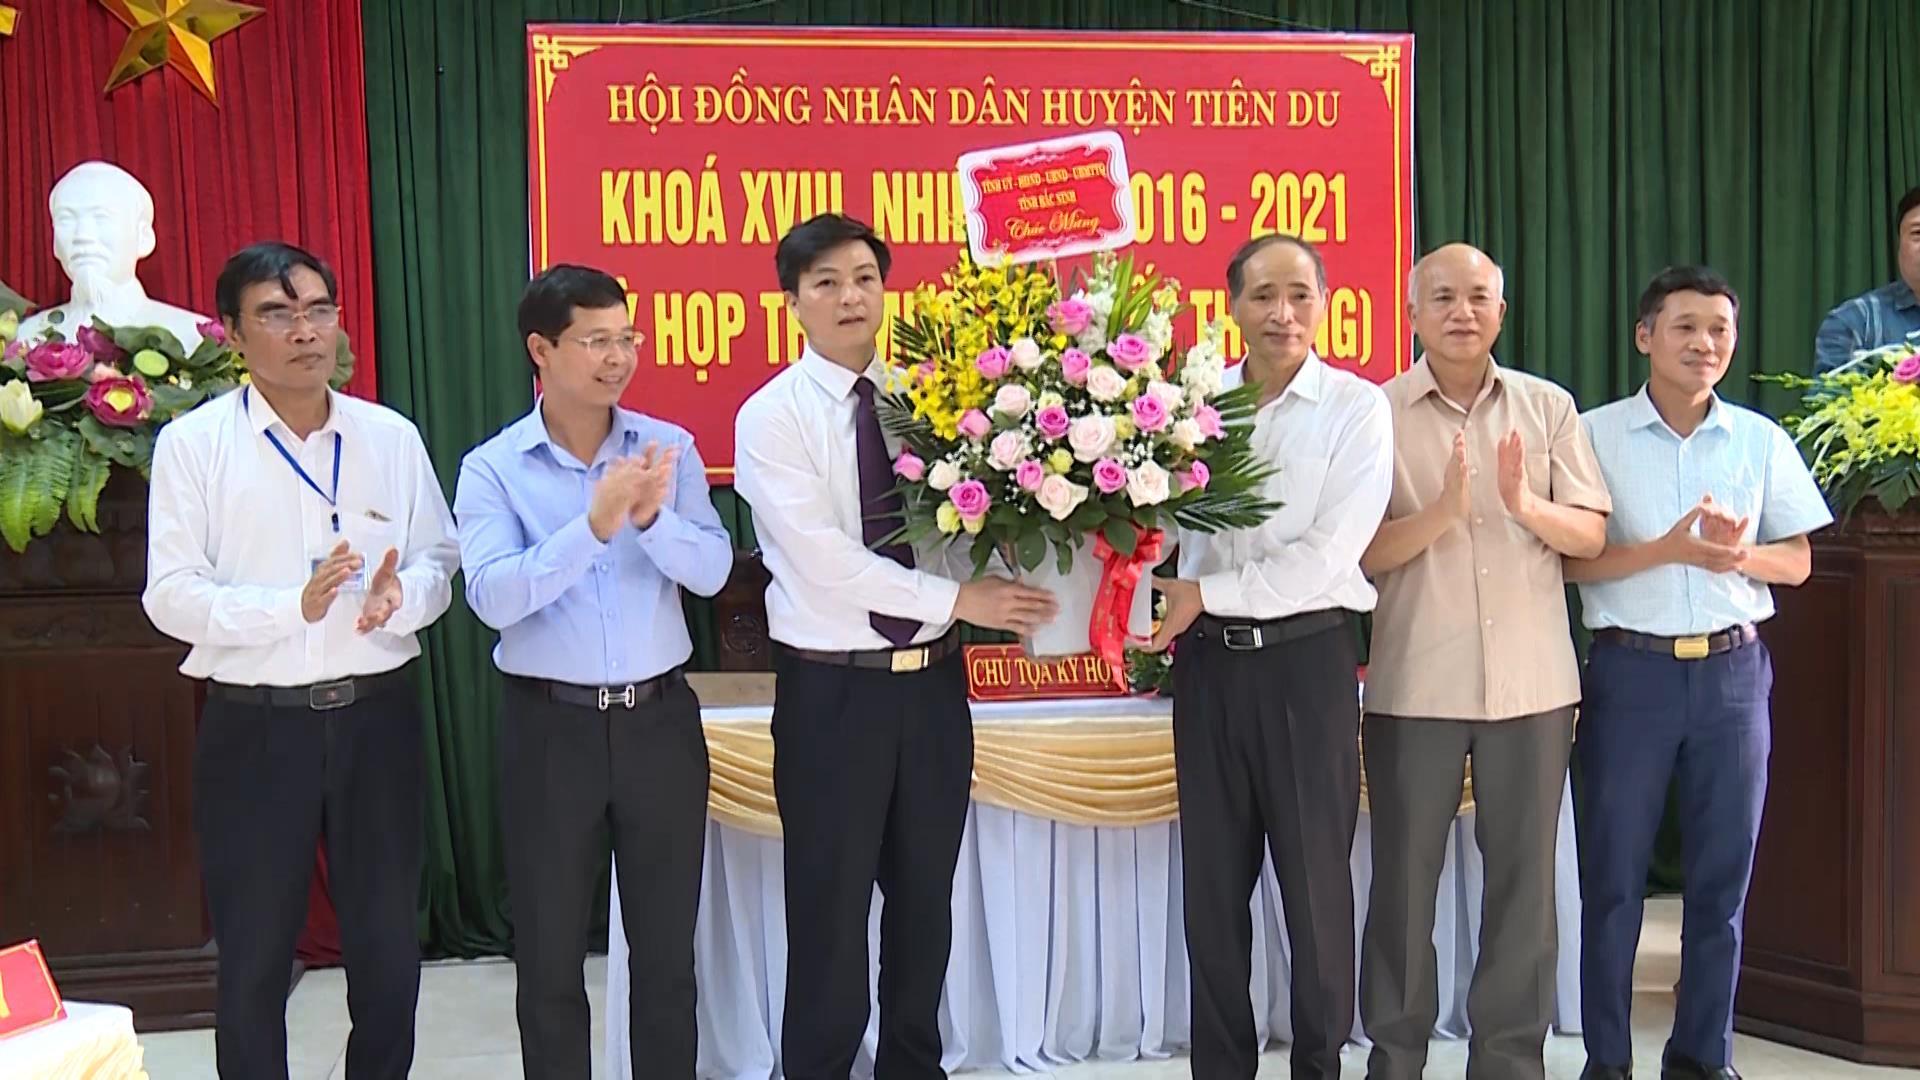 HĐND huyện Tiên Du khóa XVIII tổ chức Kỳ họp thứ 12 bất thường  nhiệm kỳ 2016-2021